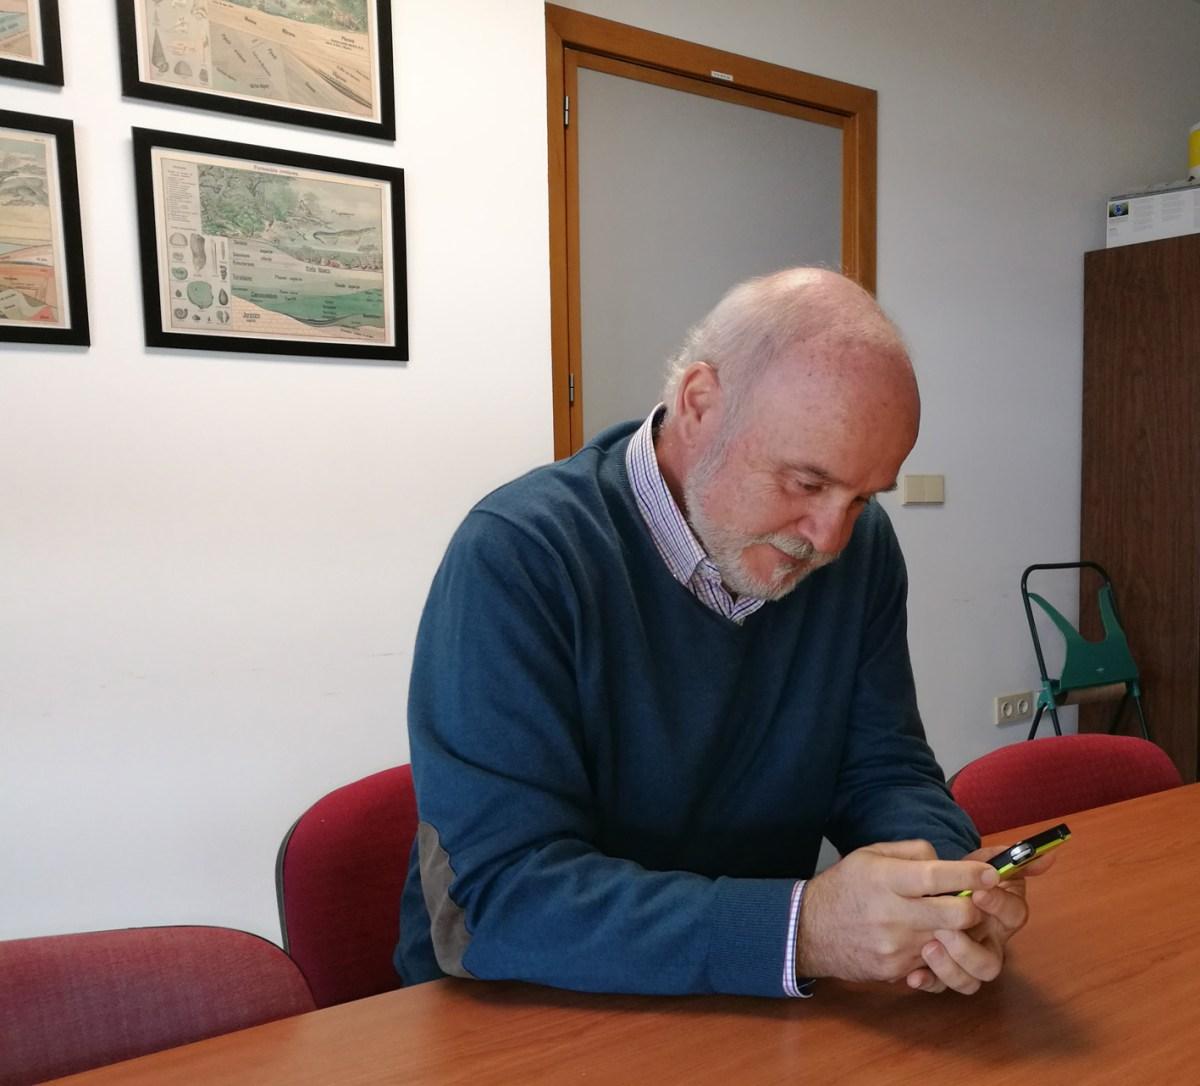 Geobrary, una 'app' gratuita desarrollada por la UHU para facilitar el reconocimiento de minerales y fósiles comunes